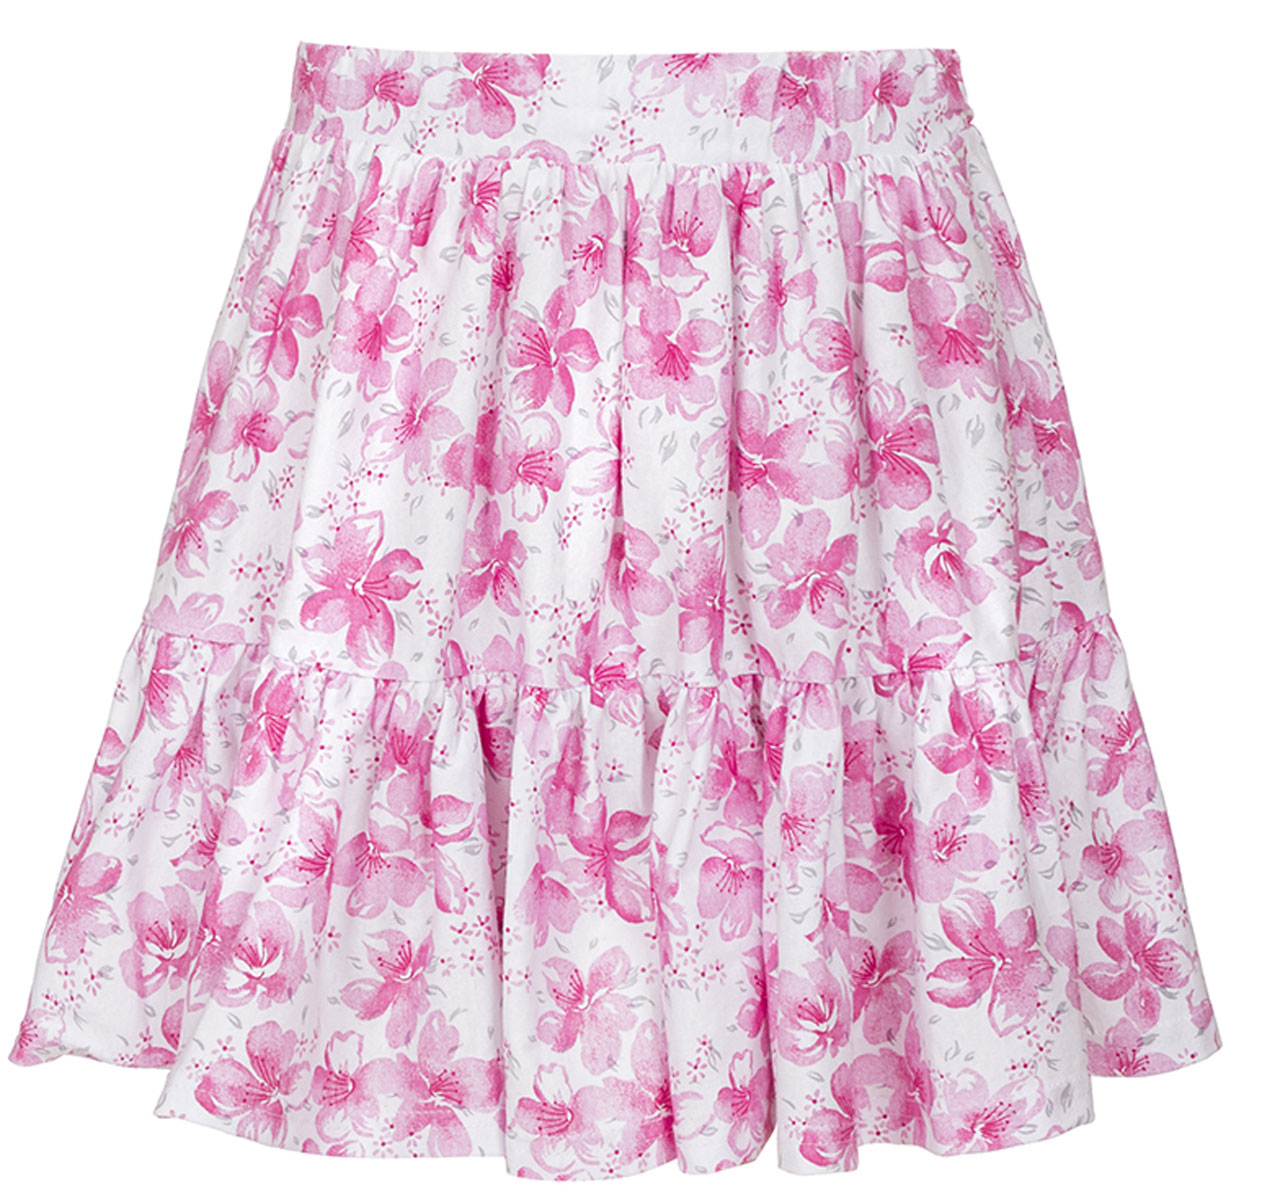 Юбка для девочки M&D, цвет: белый, розовый. SJA27050M77. Размер 116SJA27050M77Юбка для девочки M&D исполнена из 100% натурального хлопка.Модель имеет мягкую резинку, надежно фиксирующую юбку и не сдавливающую животик ребенка. Ткань оформлена ярким принтом в цветочек. Модная и не стесняющая движений юбка обязательно понравится ребенку и подарит ему комфорт.